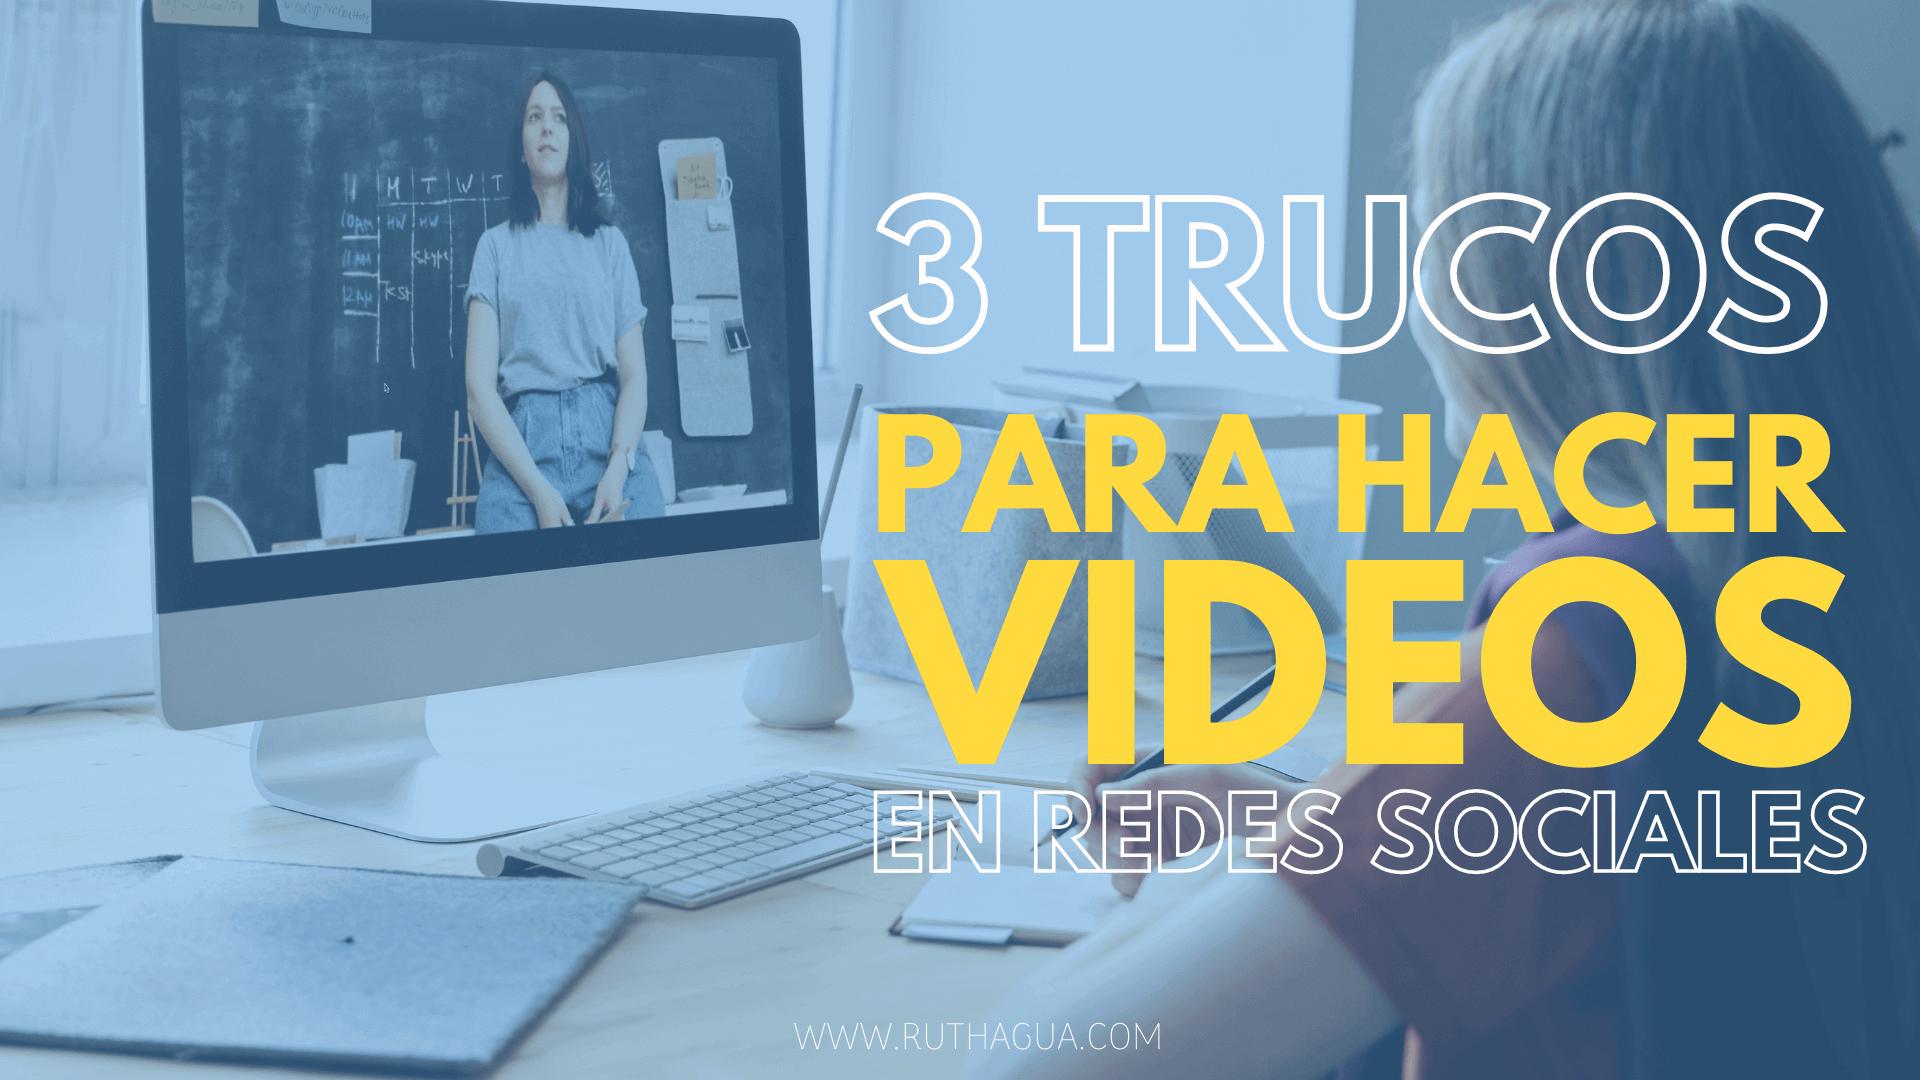 3 TRUCOS PARA HACER VIDEOS EN REDES SOCIALES